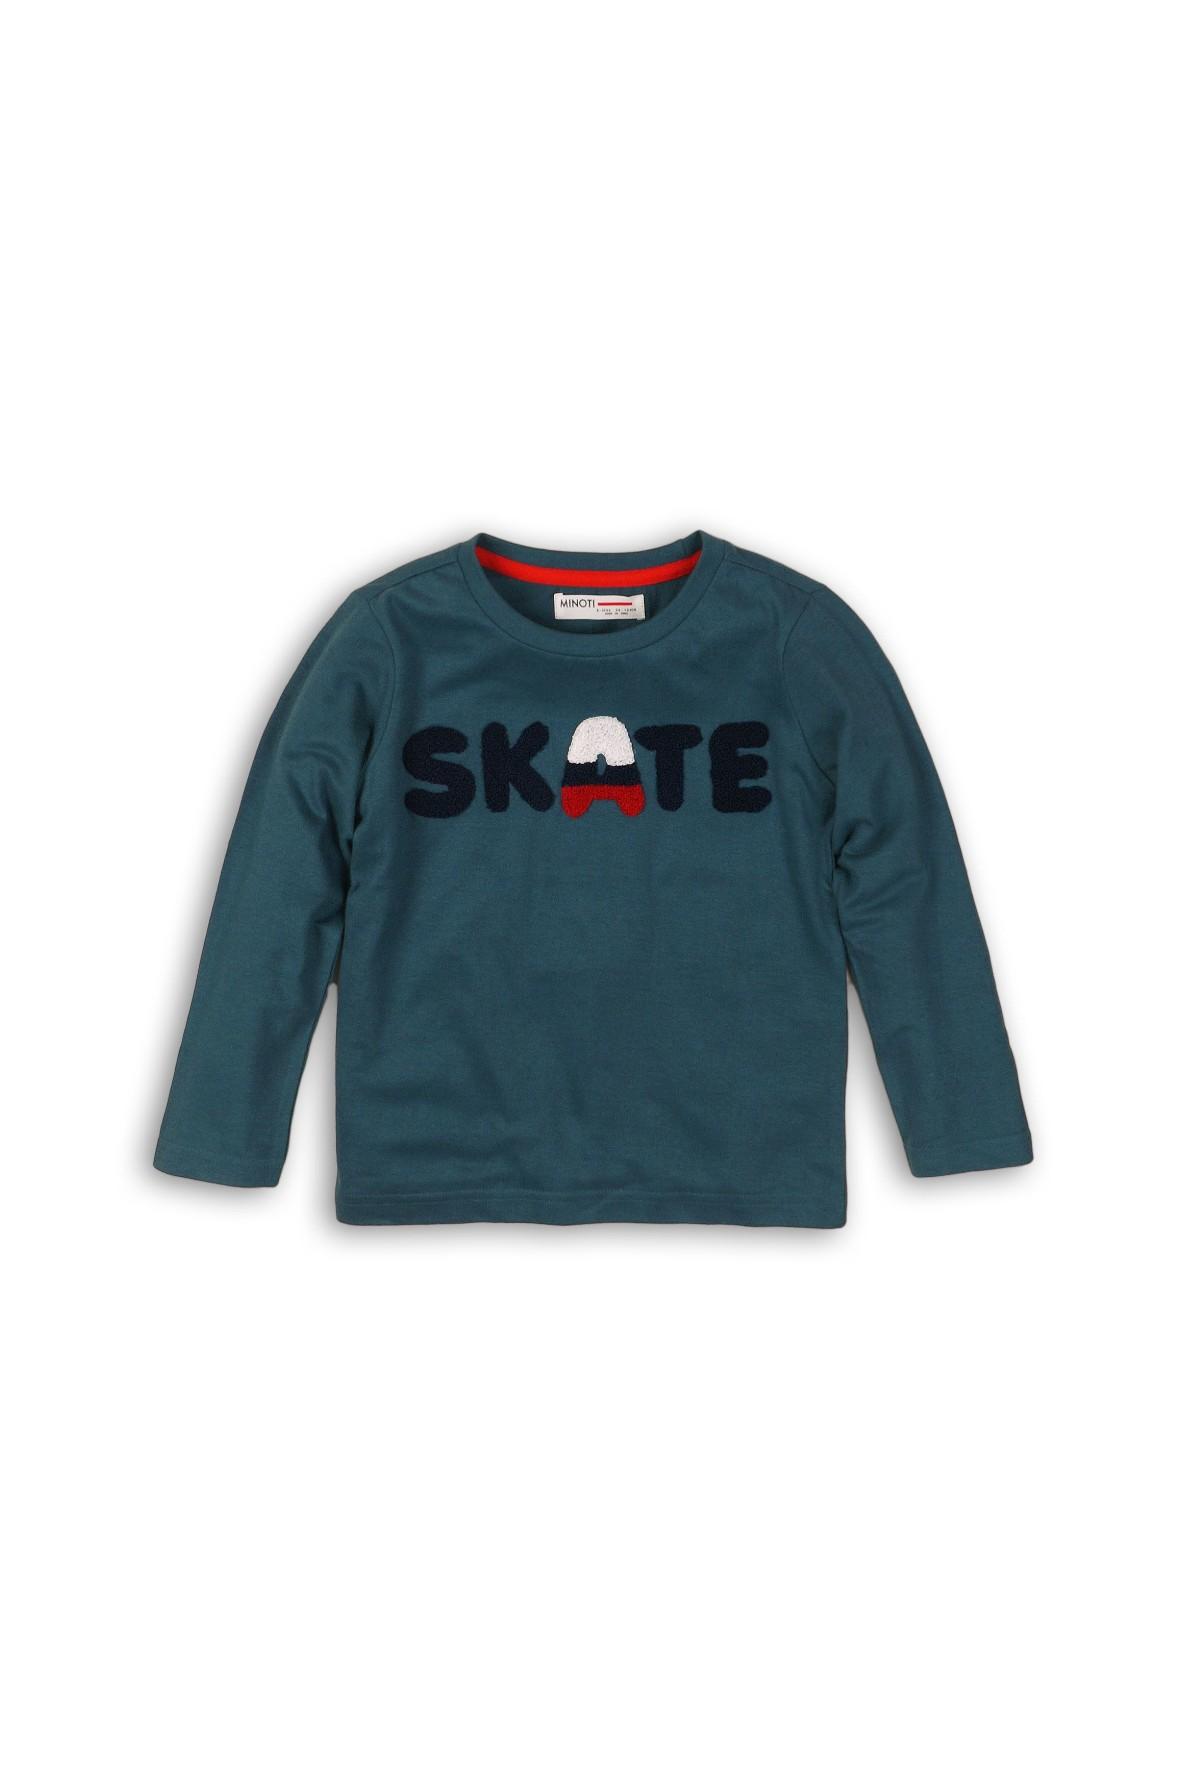 Niebieska bluzka z długim rękawem Skate rozm 92/98